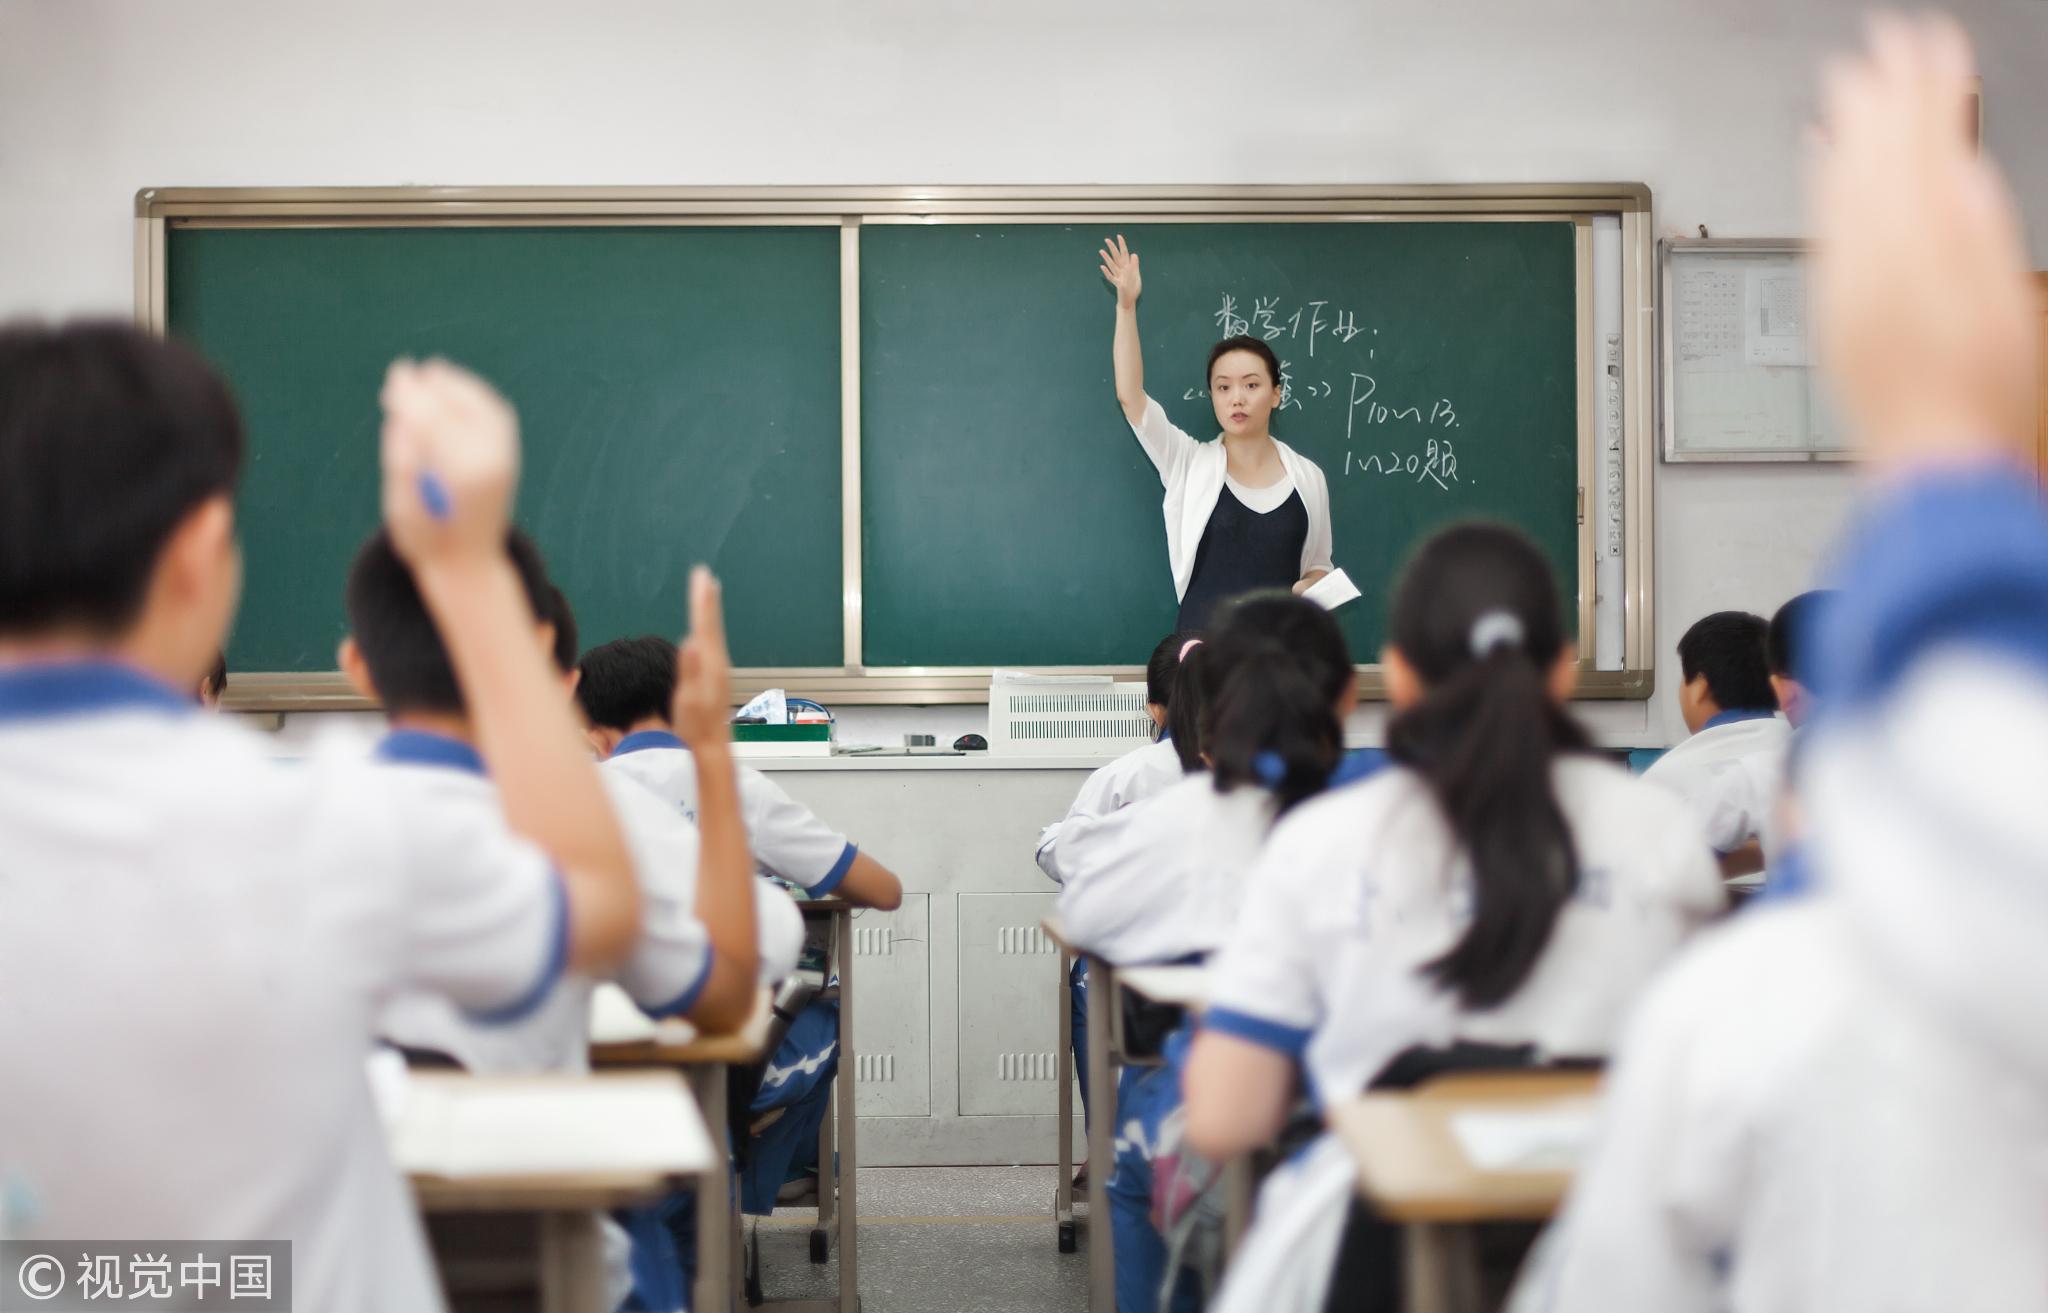 河北:严禁简单用升学率和考试成绩评价中小学教师